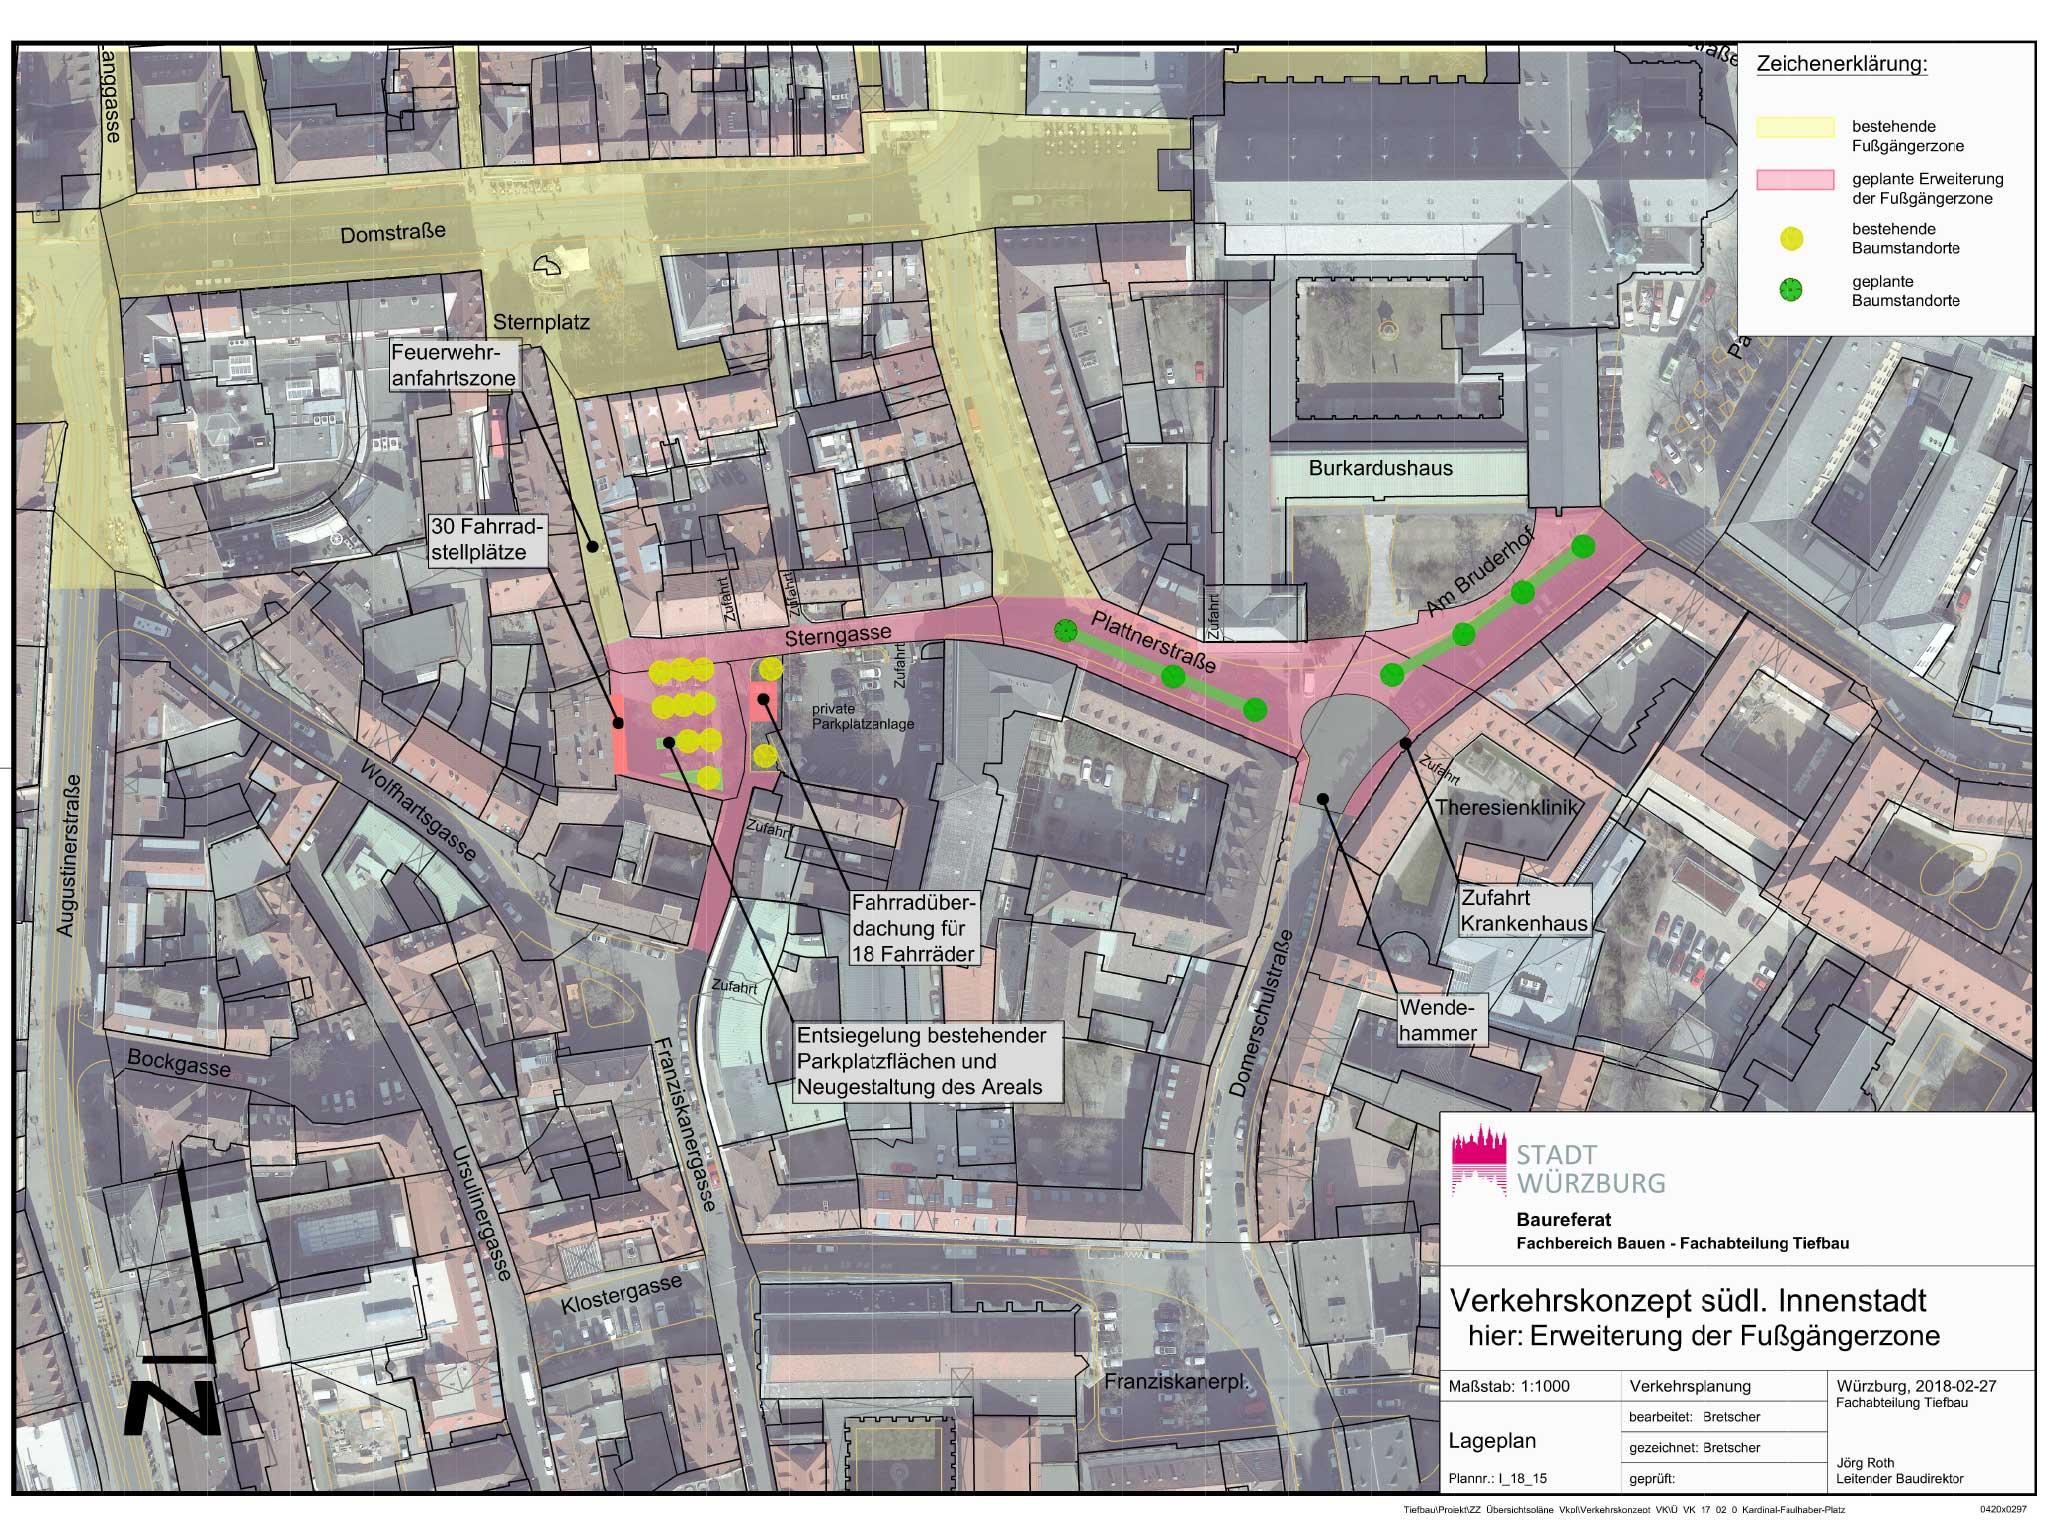 Die Beschlussvorlage der Stadt Würzburg zur Erweiterung der Fußgängerzone. Grafik: Stagt Würzburg / Baureferat